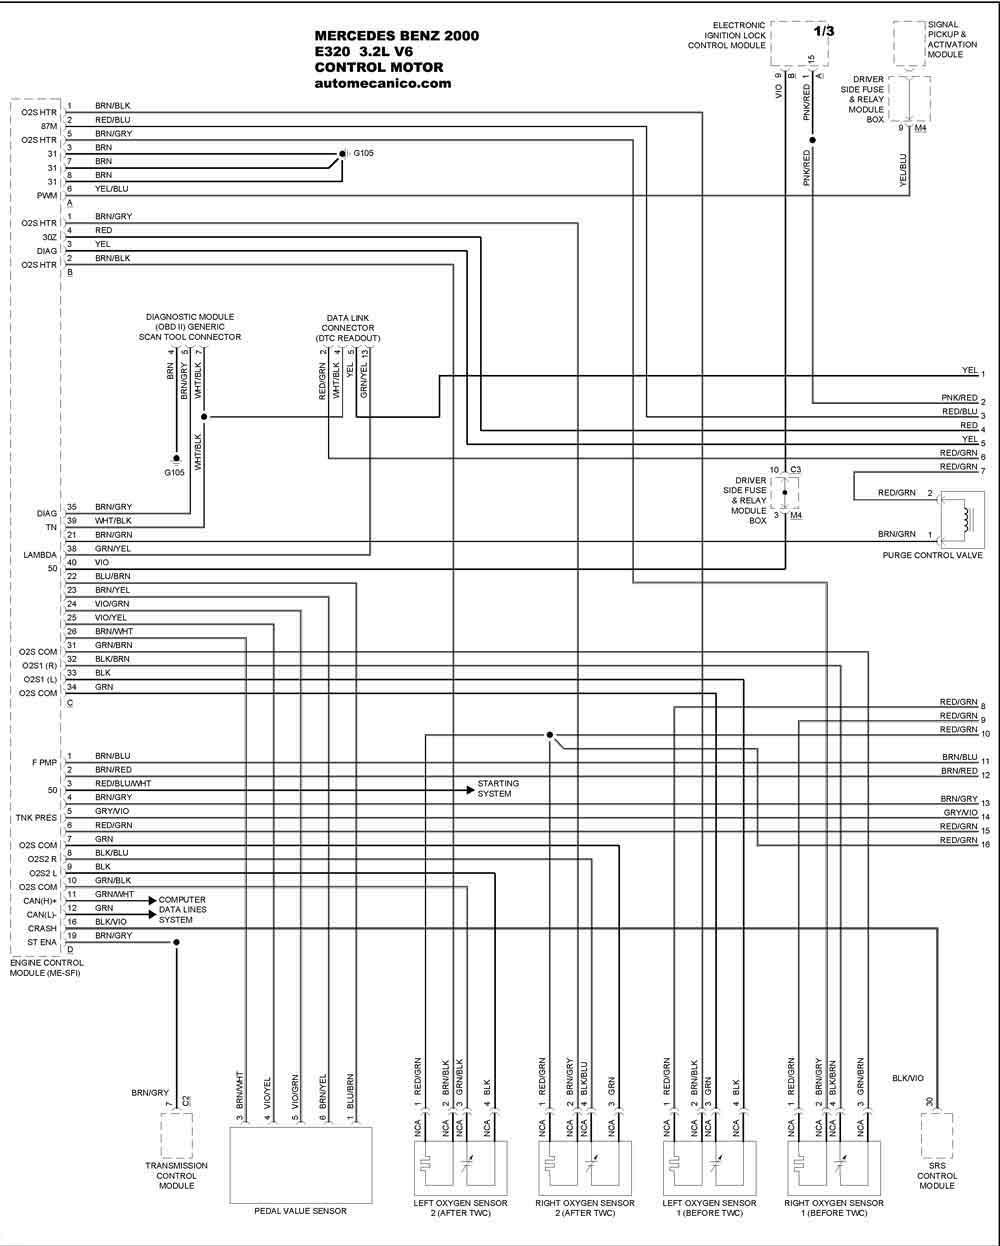 diagrama de cableado 2000 merc